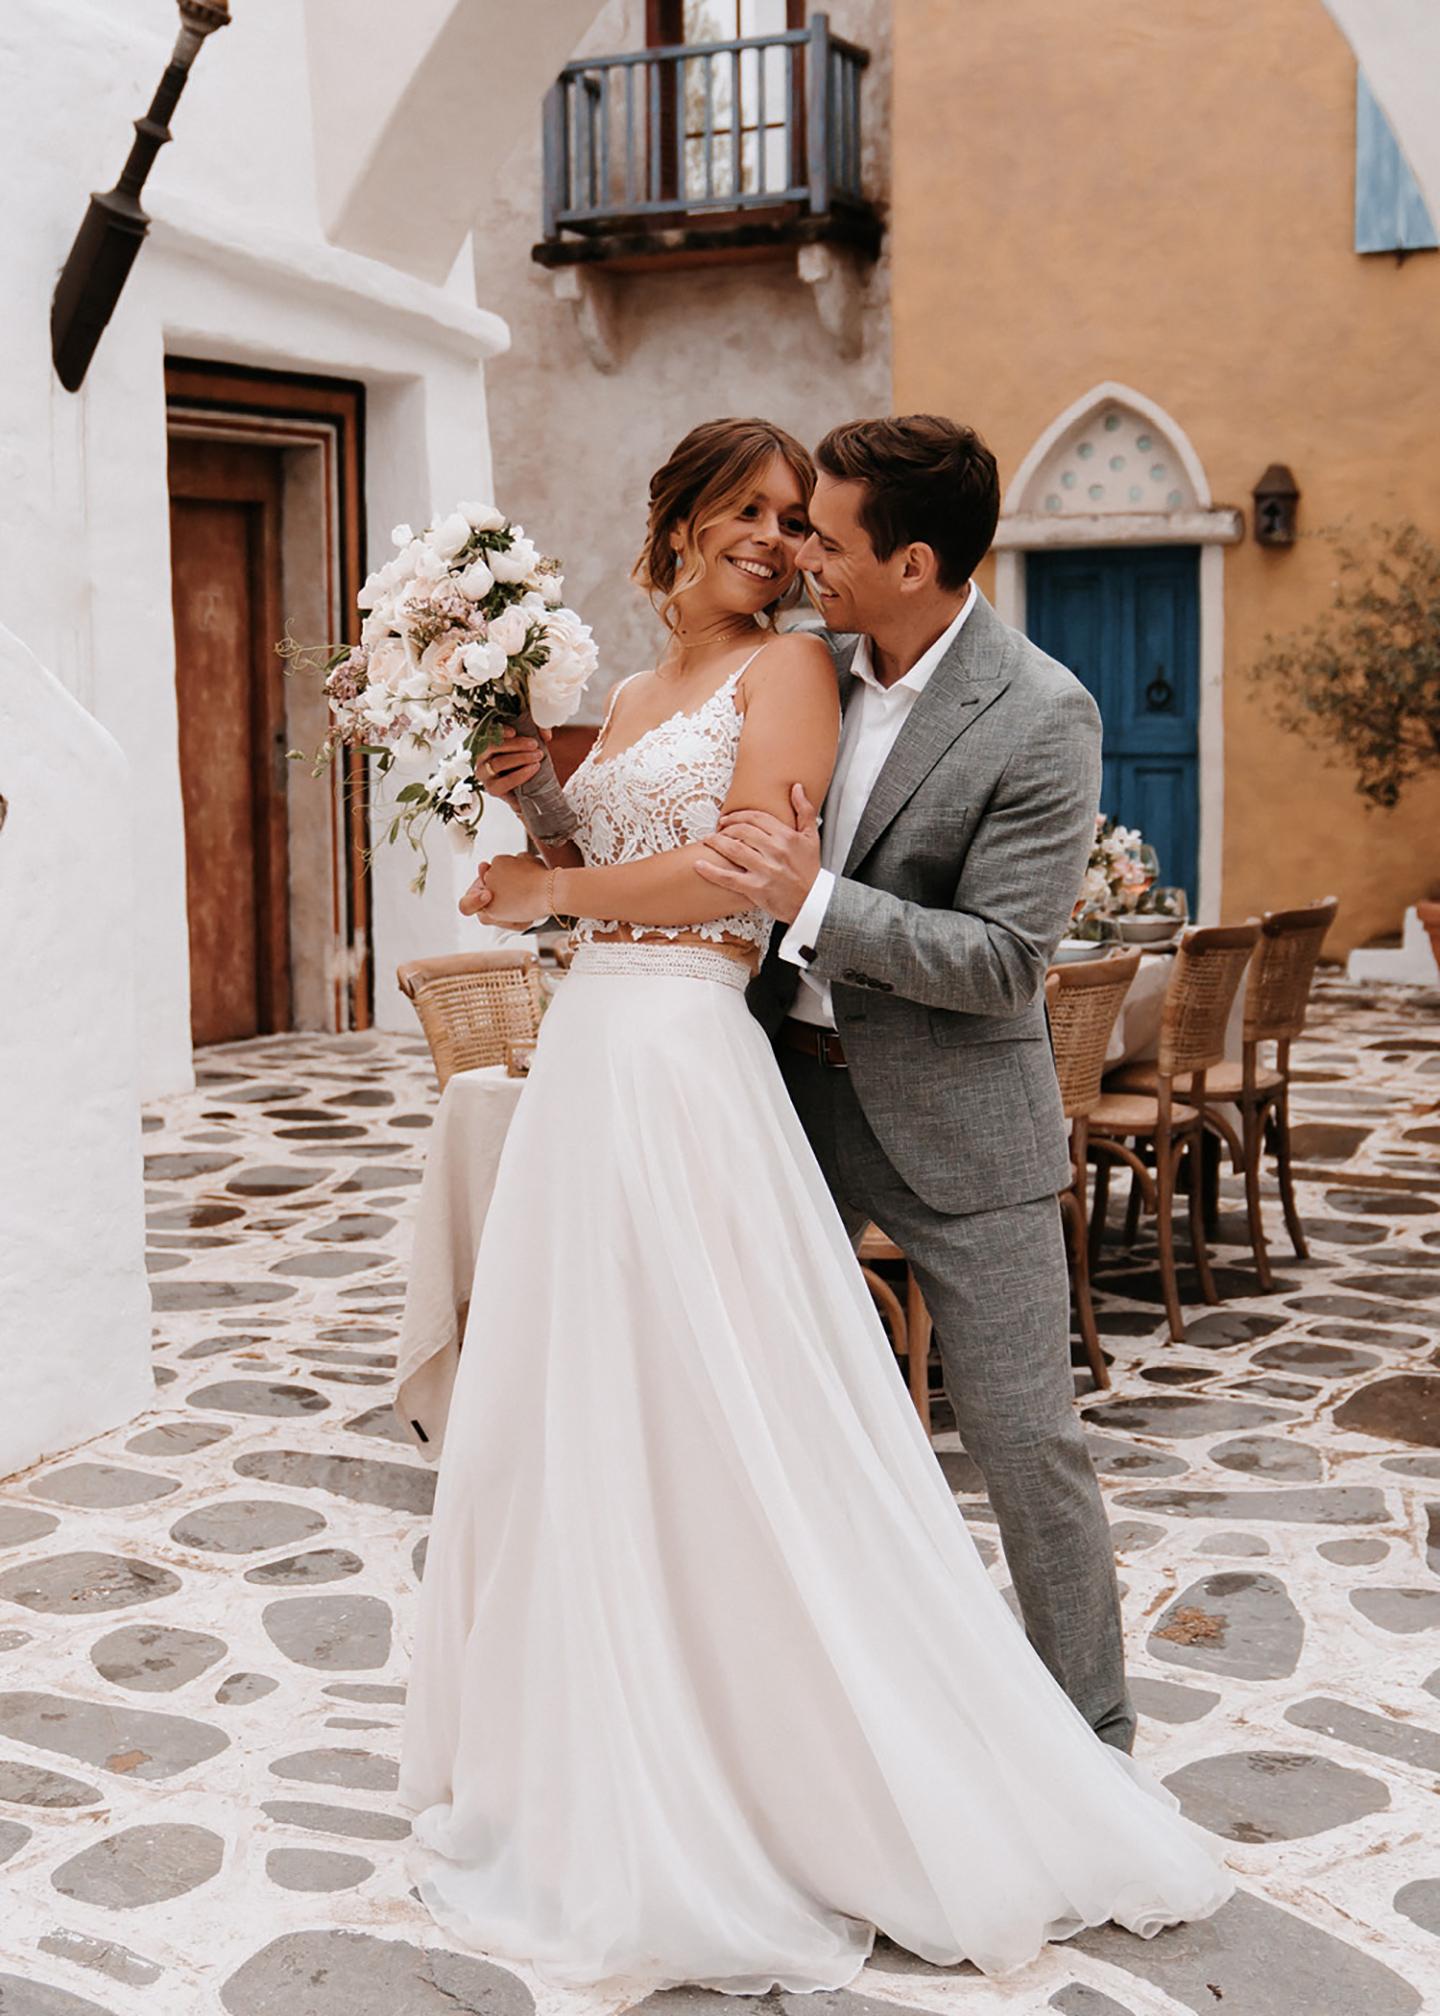 Mediterrane Hochzeit: Das Hochzeitspaar steht vor dem Hochzeitstisch und schaut sich verliebt an.